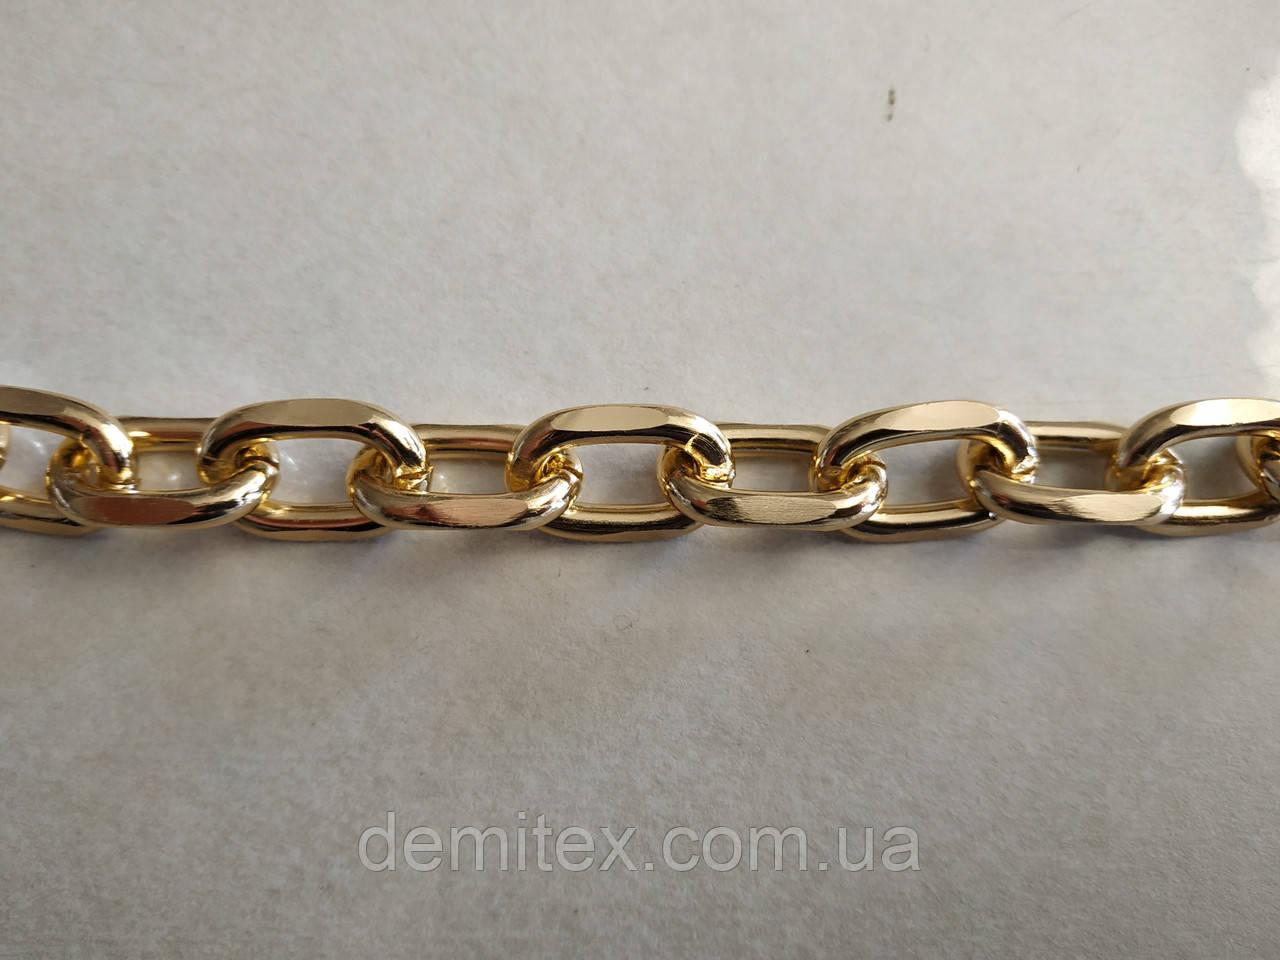 Цепочка сумочная якорная алюминиевая золото  ширина наружная 22мм, высота наружная 14мм, толщина 4мм